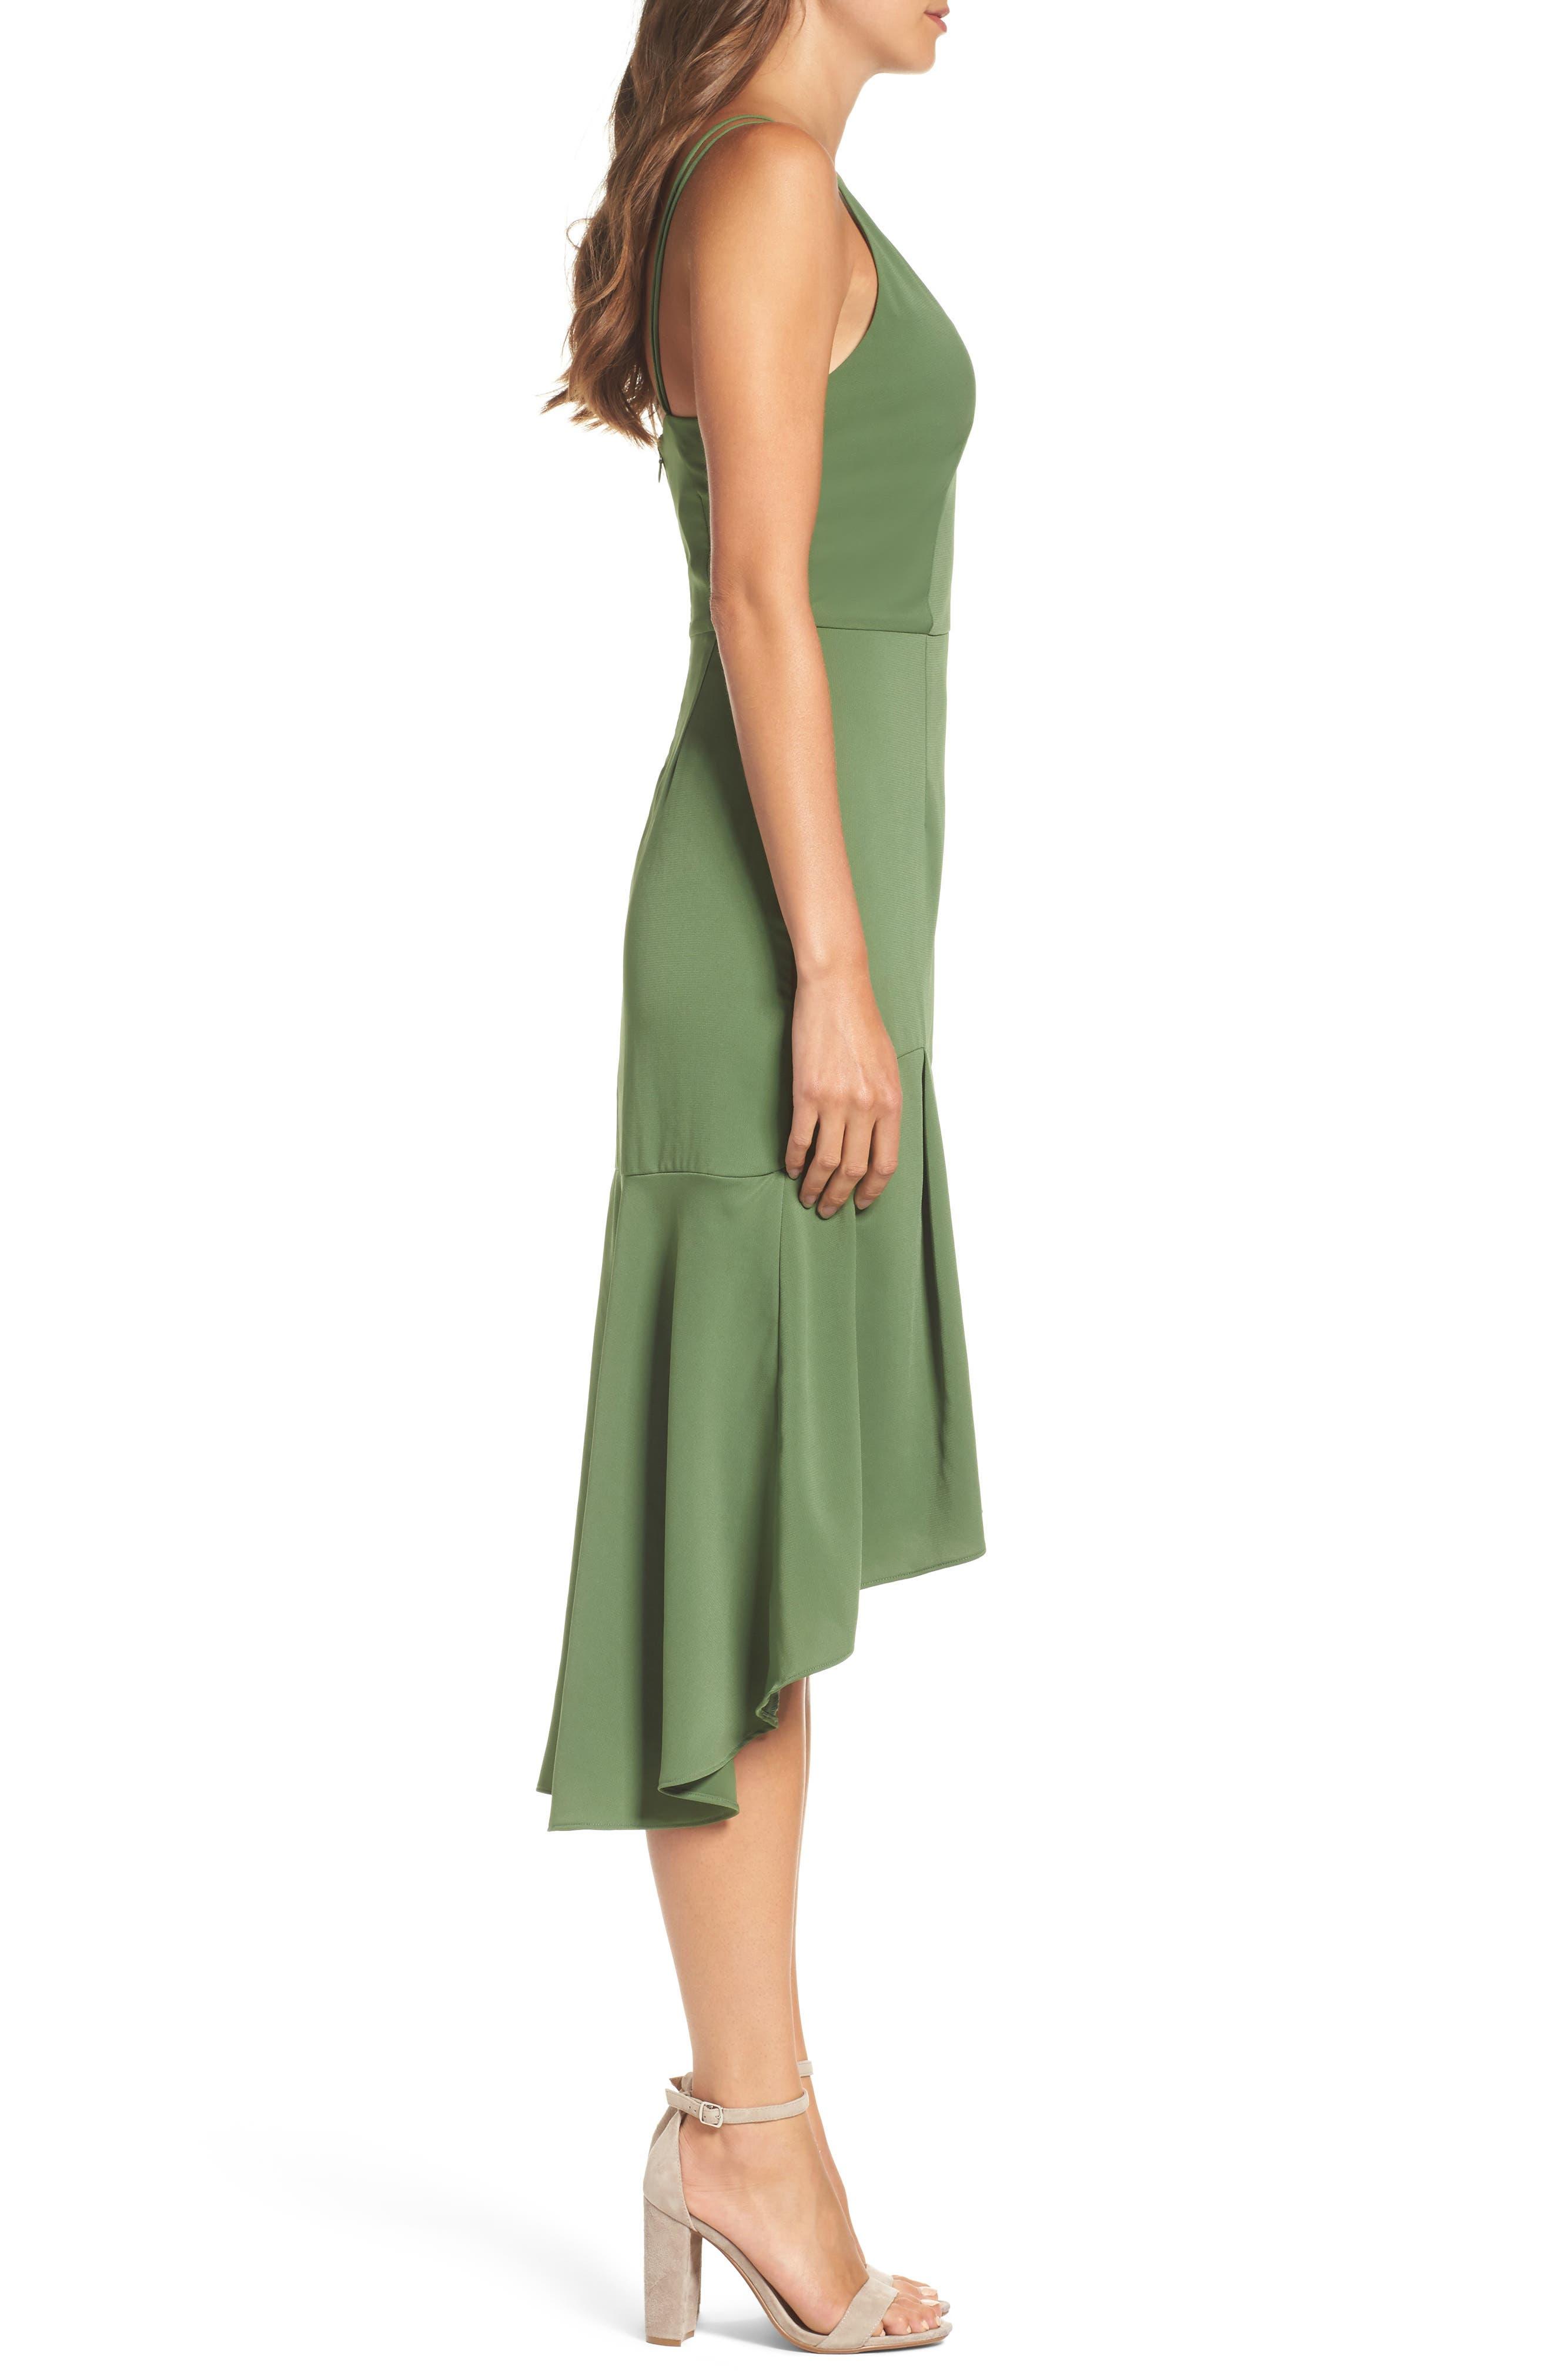 Lovine Midi Dress,                             Alternate thumbnail 3, color,                             301